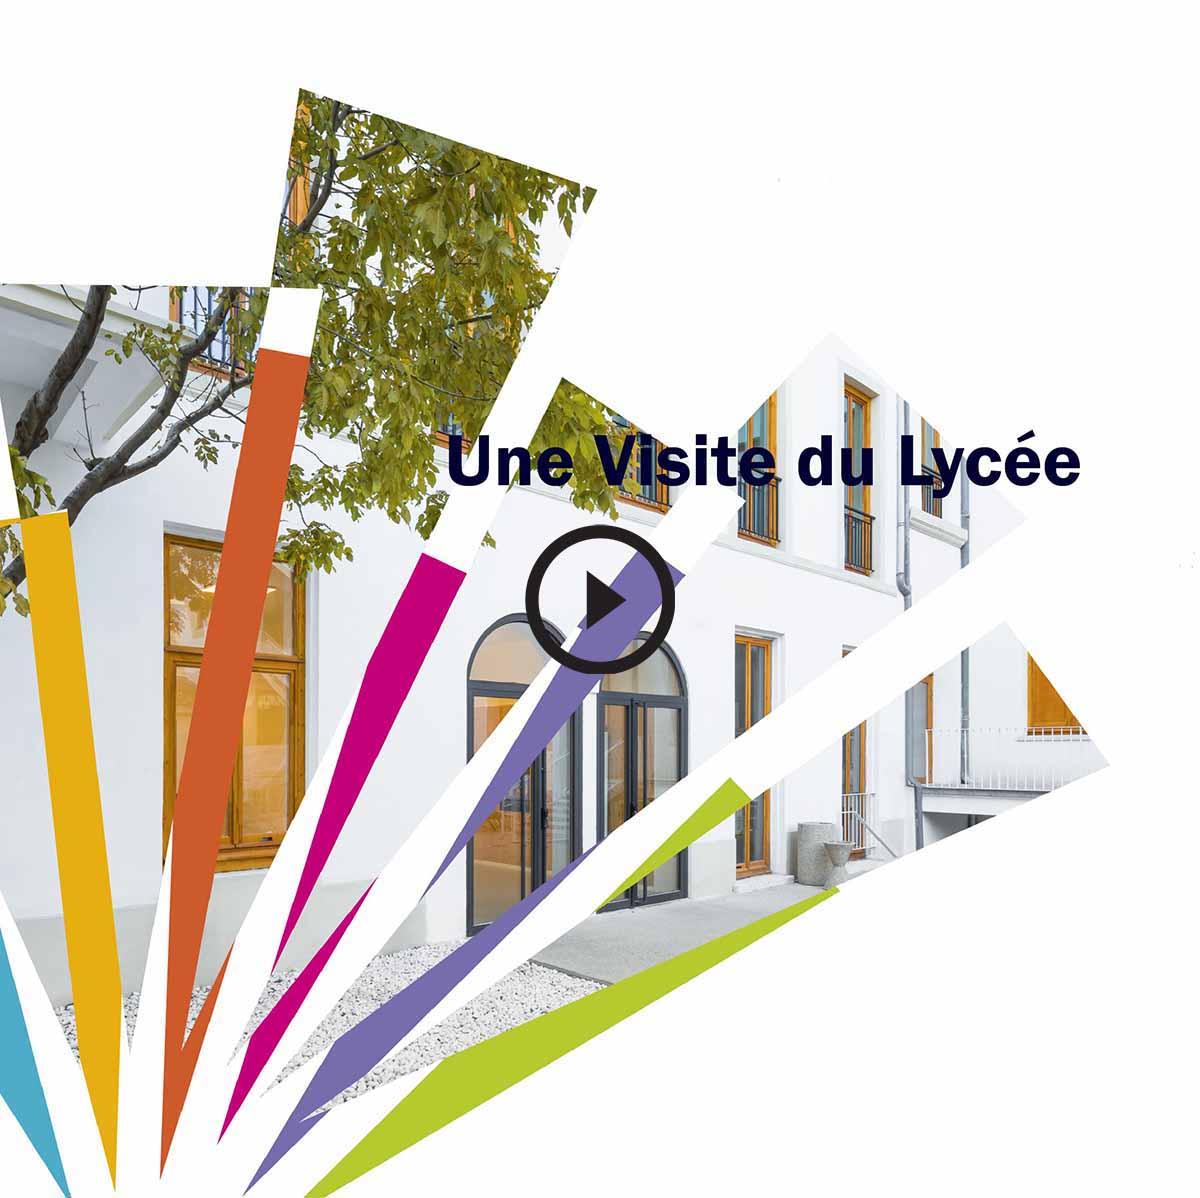 Image d'accroche de la vidéo de présentation du Lycée Charles Péguy à Marseille